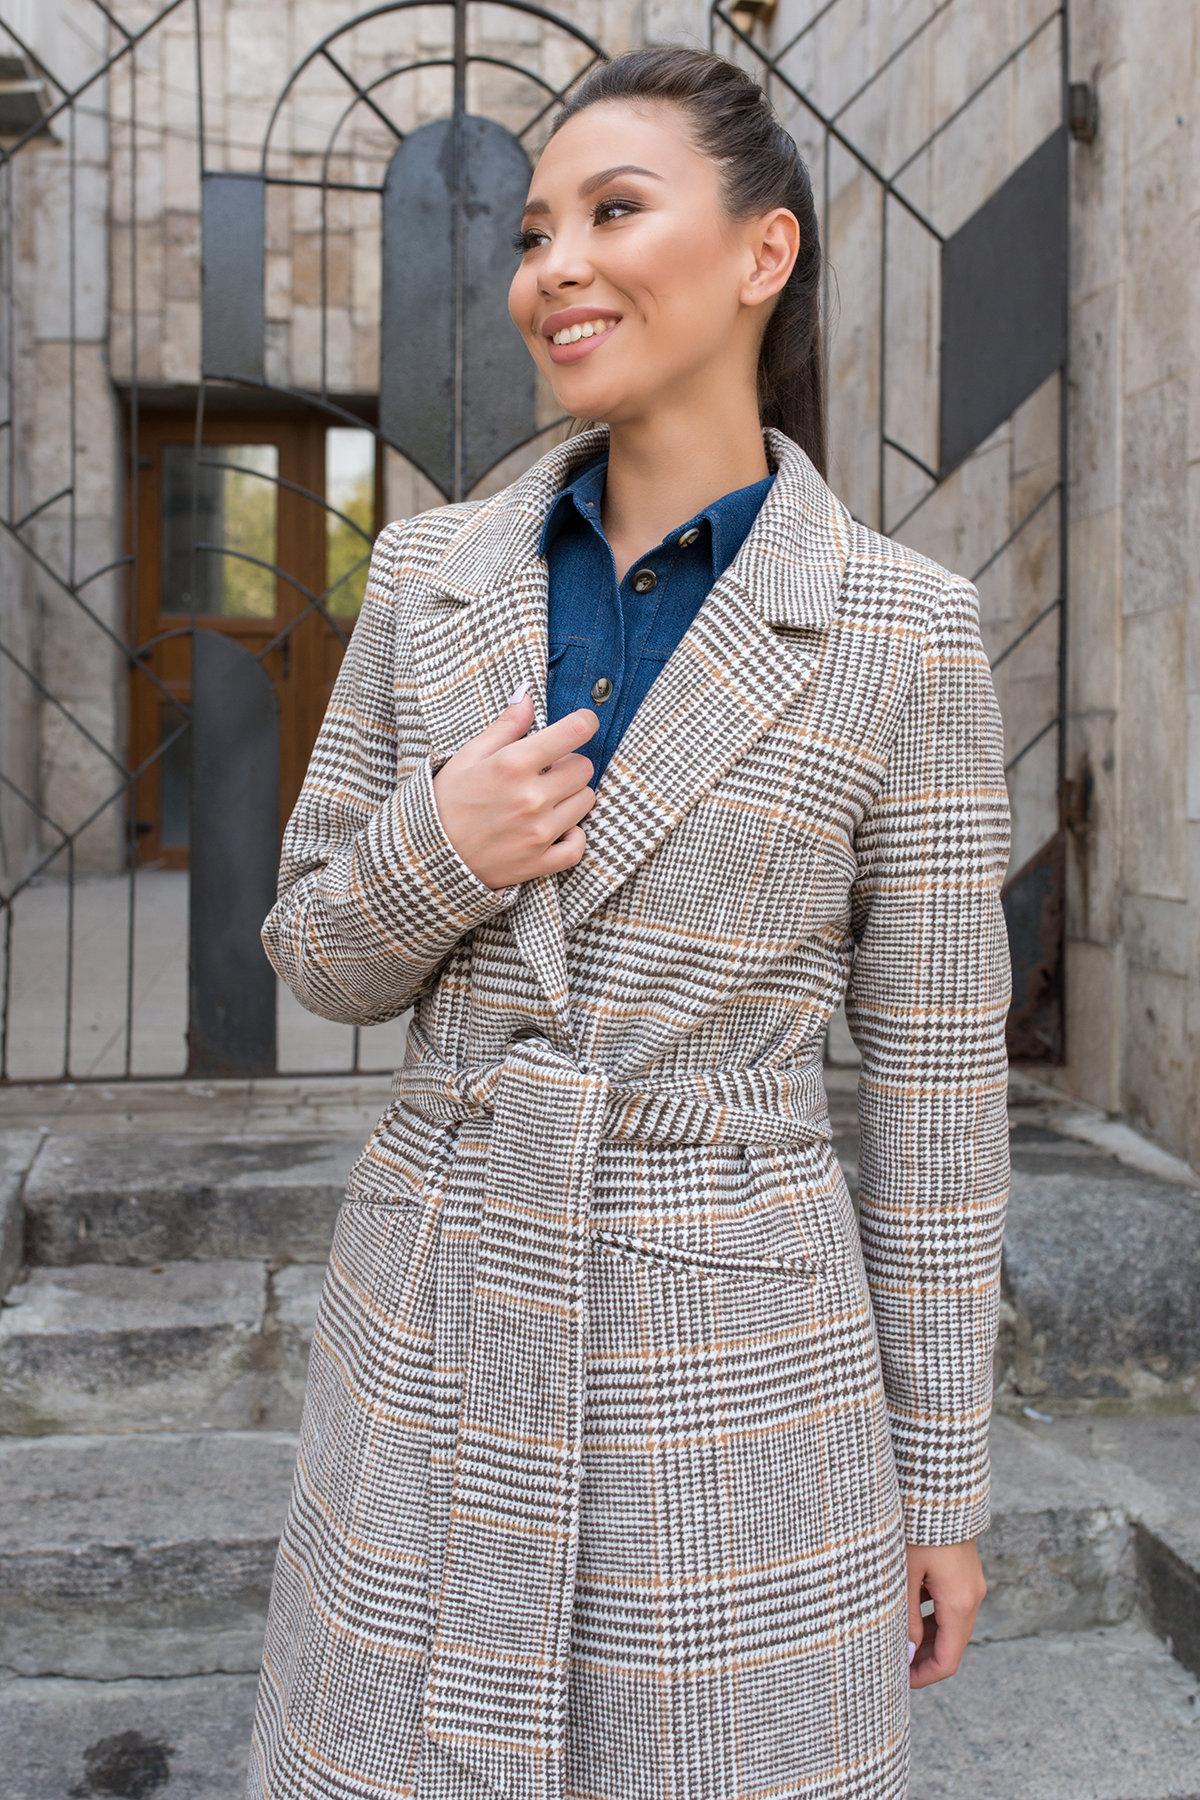 Пальто с принтом клетка Эрли 8103 АРТ. 44066 Цвет: Клетка кр шок/мол/беж - фото 4, интернет магазин tm-modus.ru